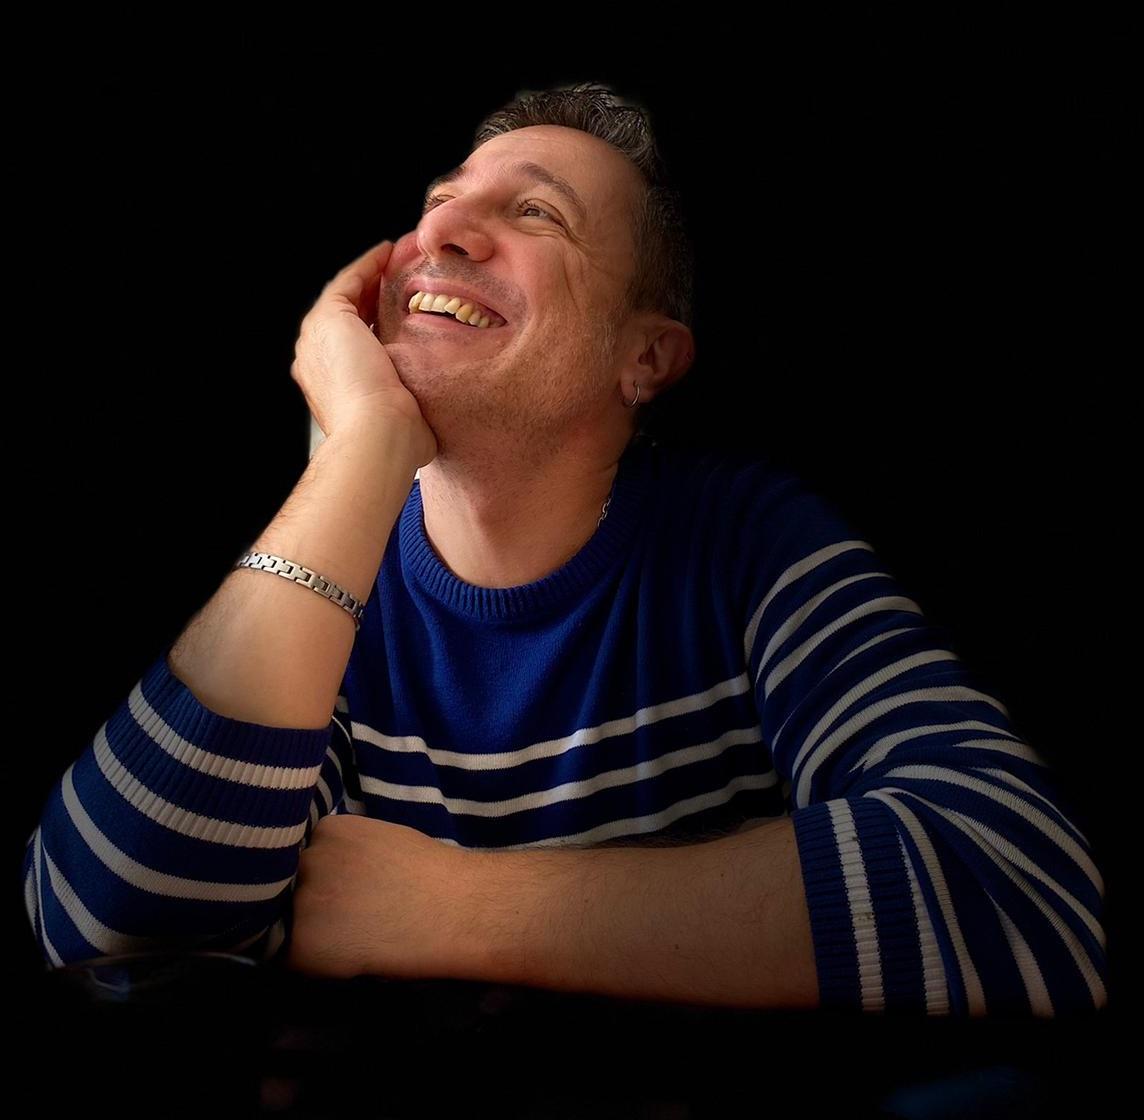 Mario Garzia